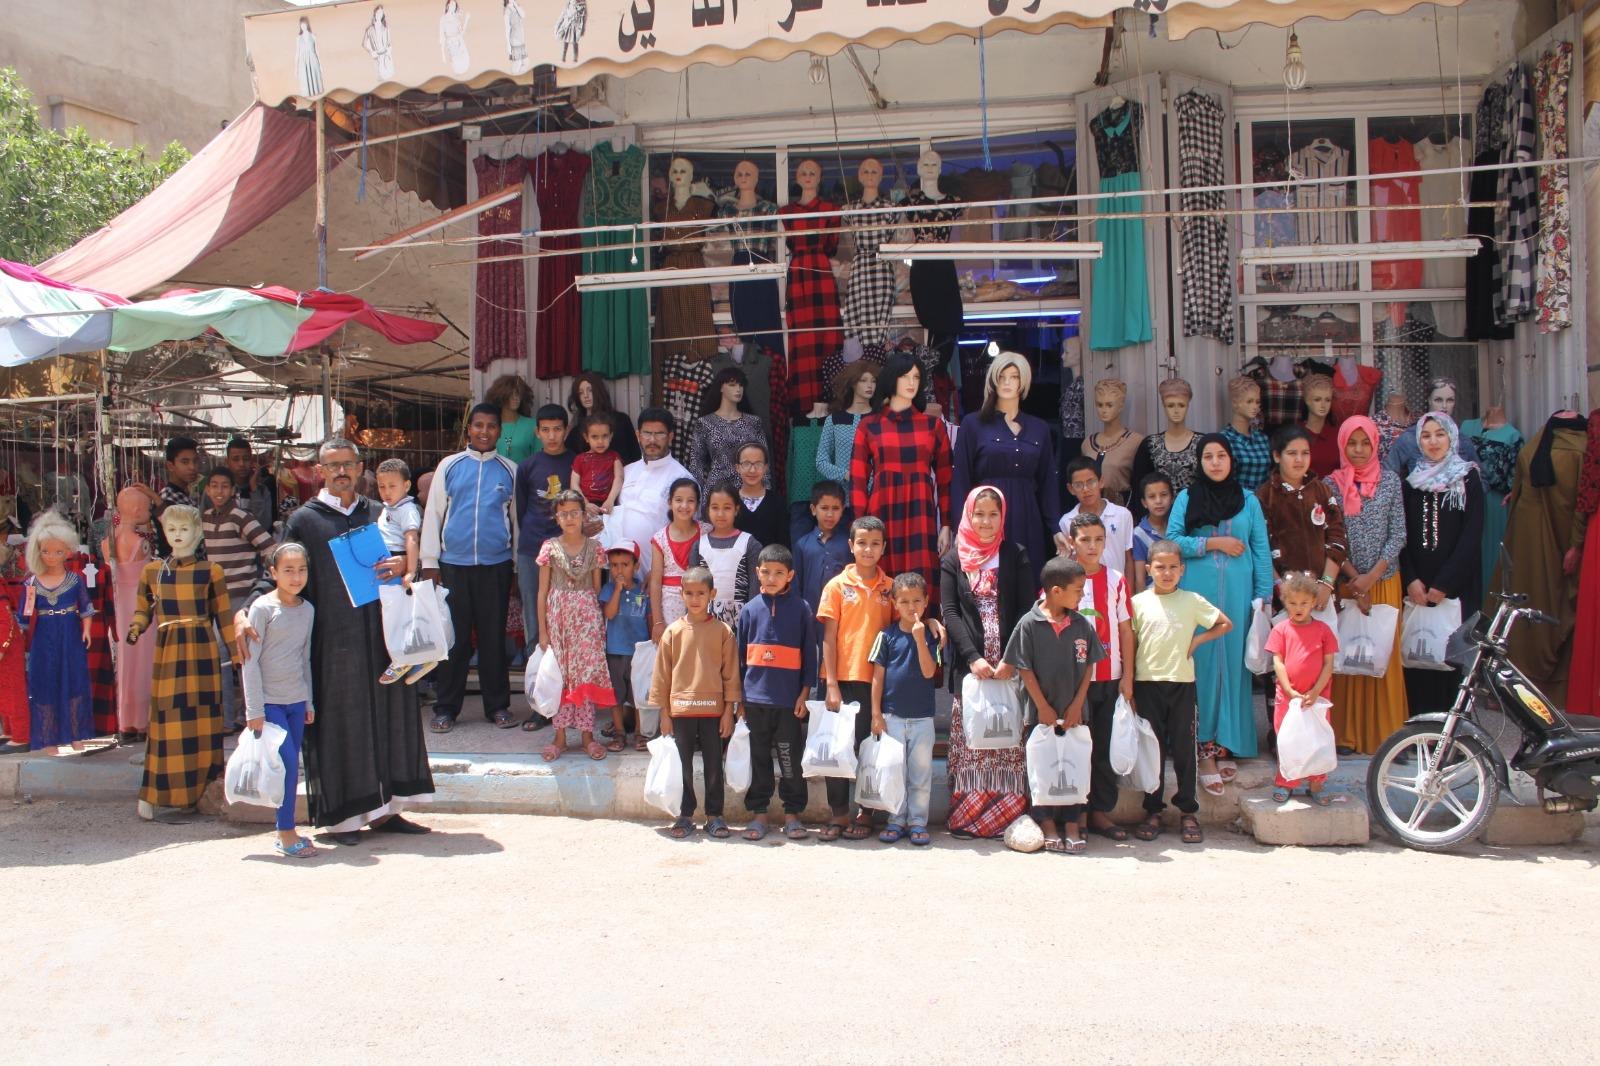 صور المجموعة الثانية من أيتام الجمعية الذين توصلوا بكسوة العيد 67 يتيم